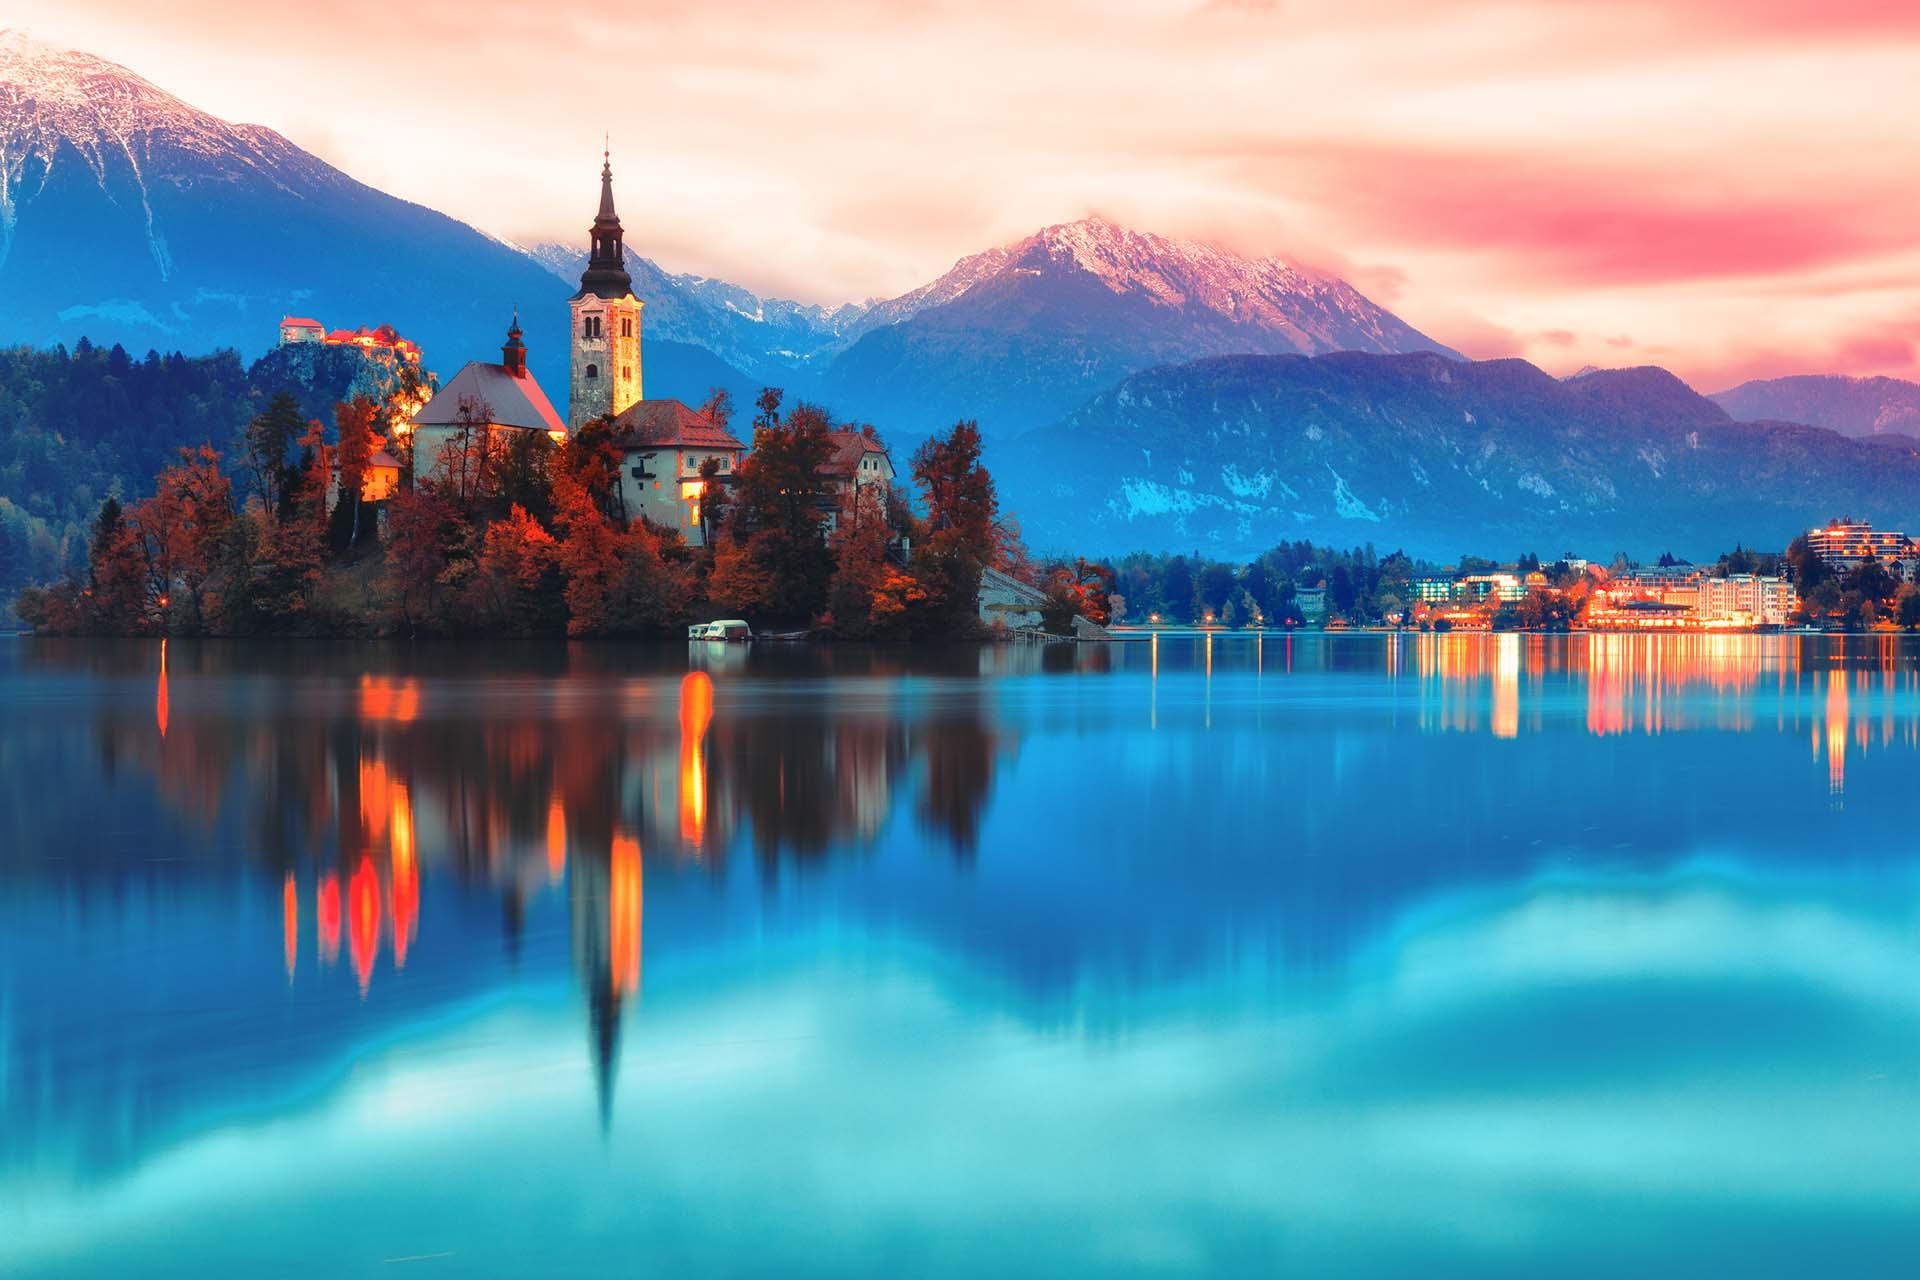 Pequeño pero perfectamente formado, hay belleza donde quiera que vayas, desde el castillo de cuento de hadas de 800 años de Predjama hasta los idílicos románticos del mágico lago Bled y los paisajes vírgenes del Parque Nacional Triglav, Eslovenia es un destino de ensueño